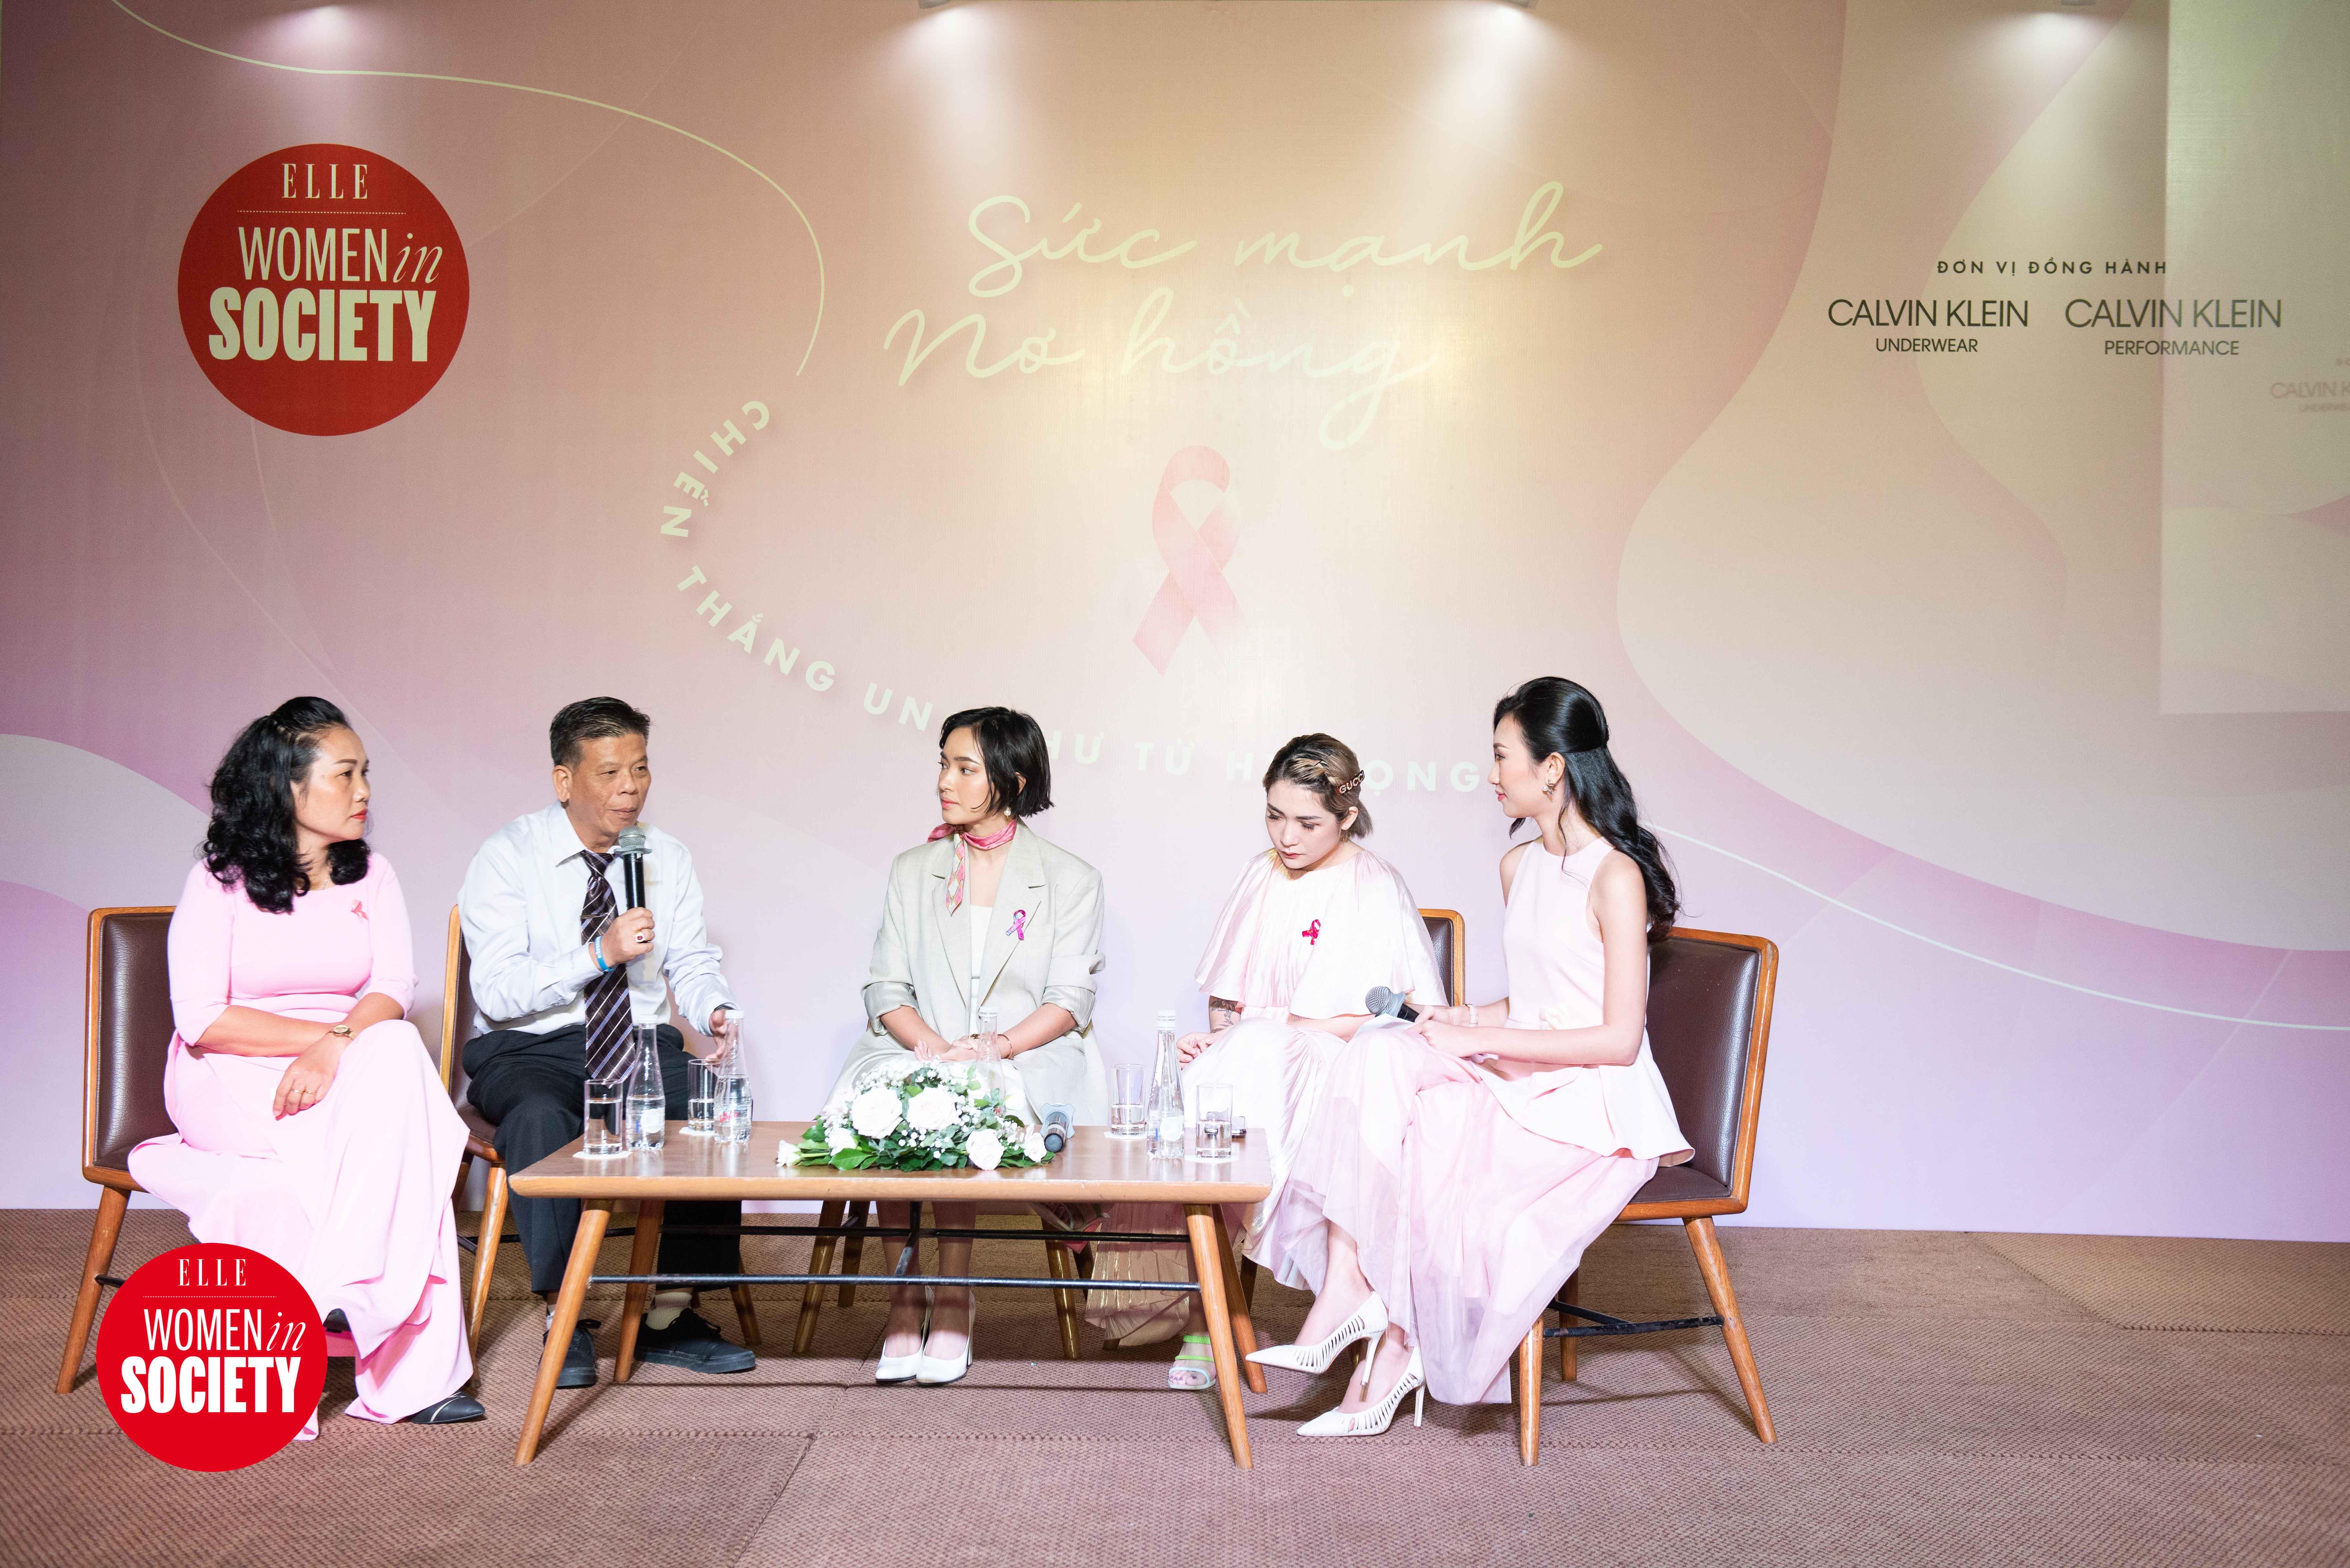 BS Trần Nguyên Hà